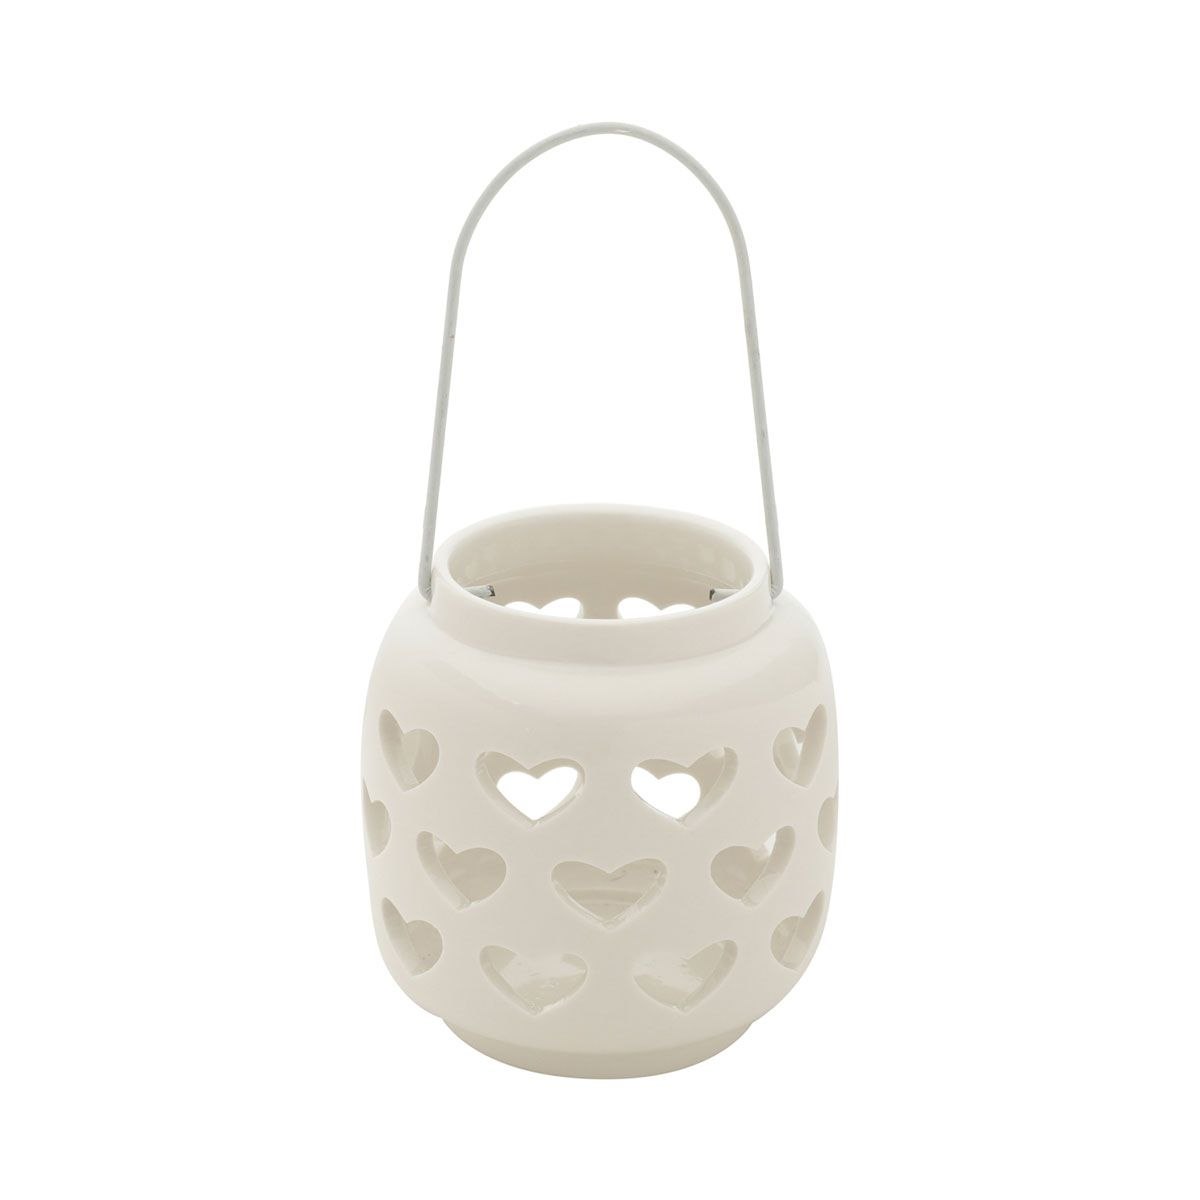 Castiçal Porta Vela Decorativo Porcelana Coração Heart Shape